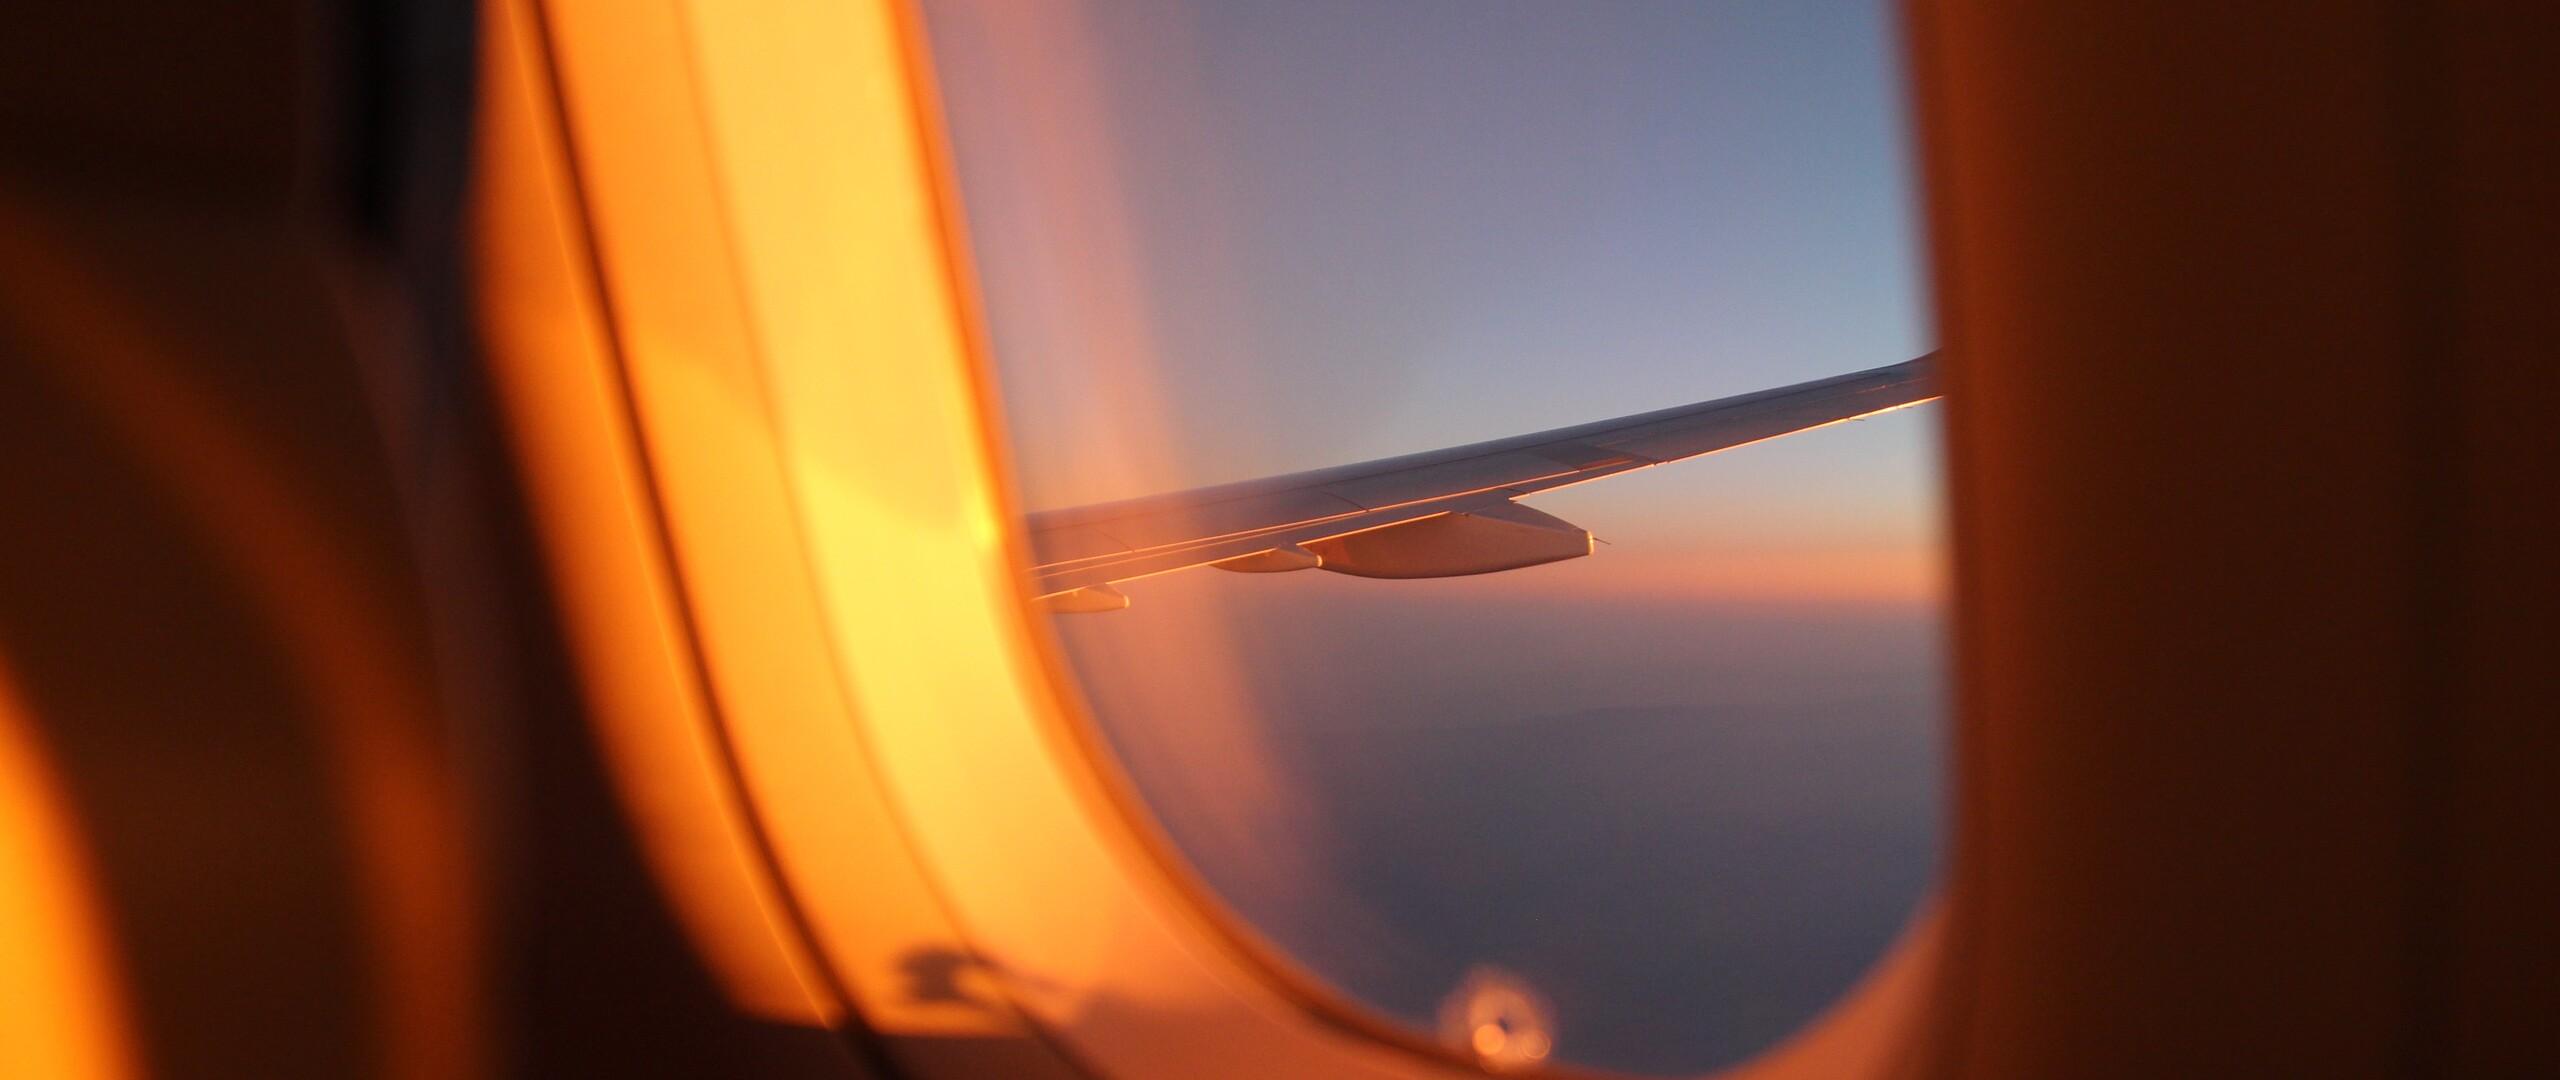 outside-plane-view-5k-iz.jpg